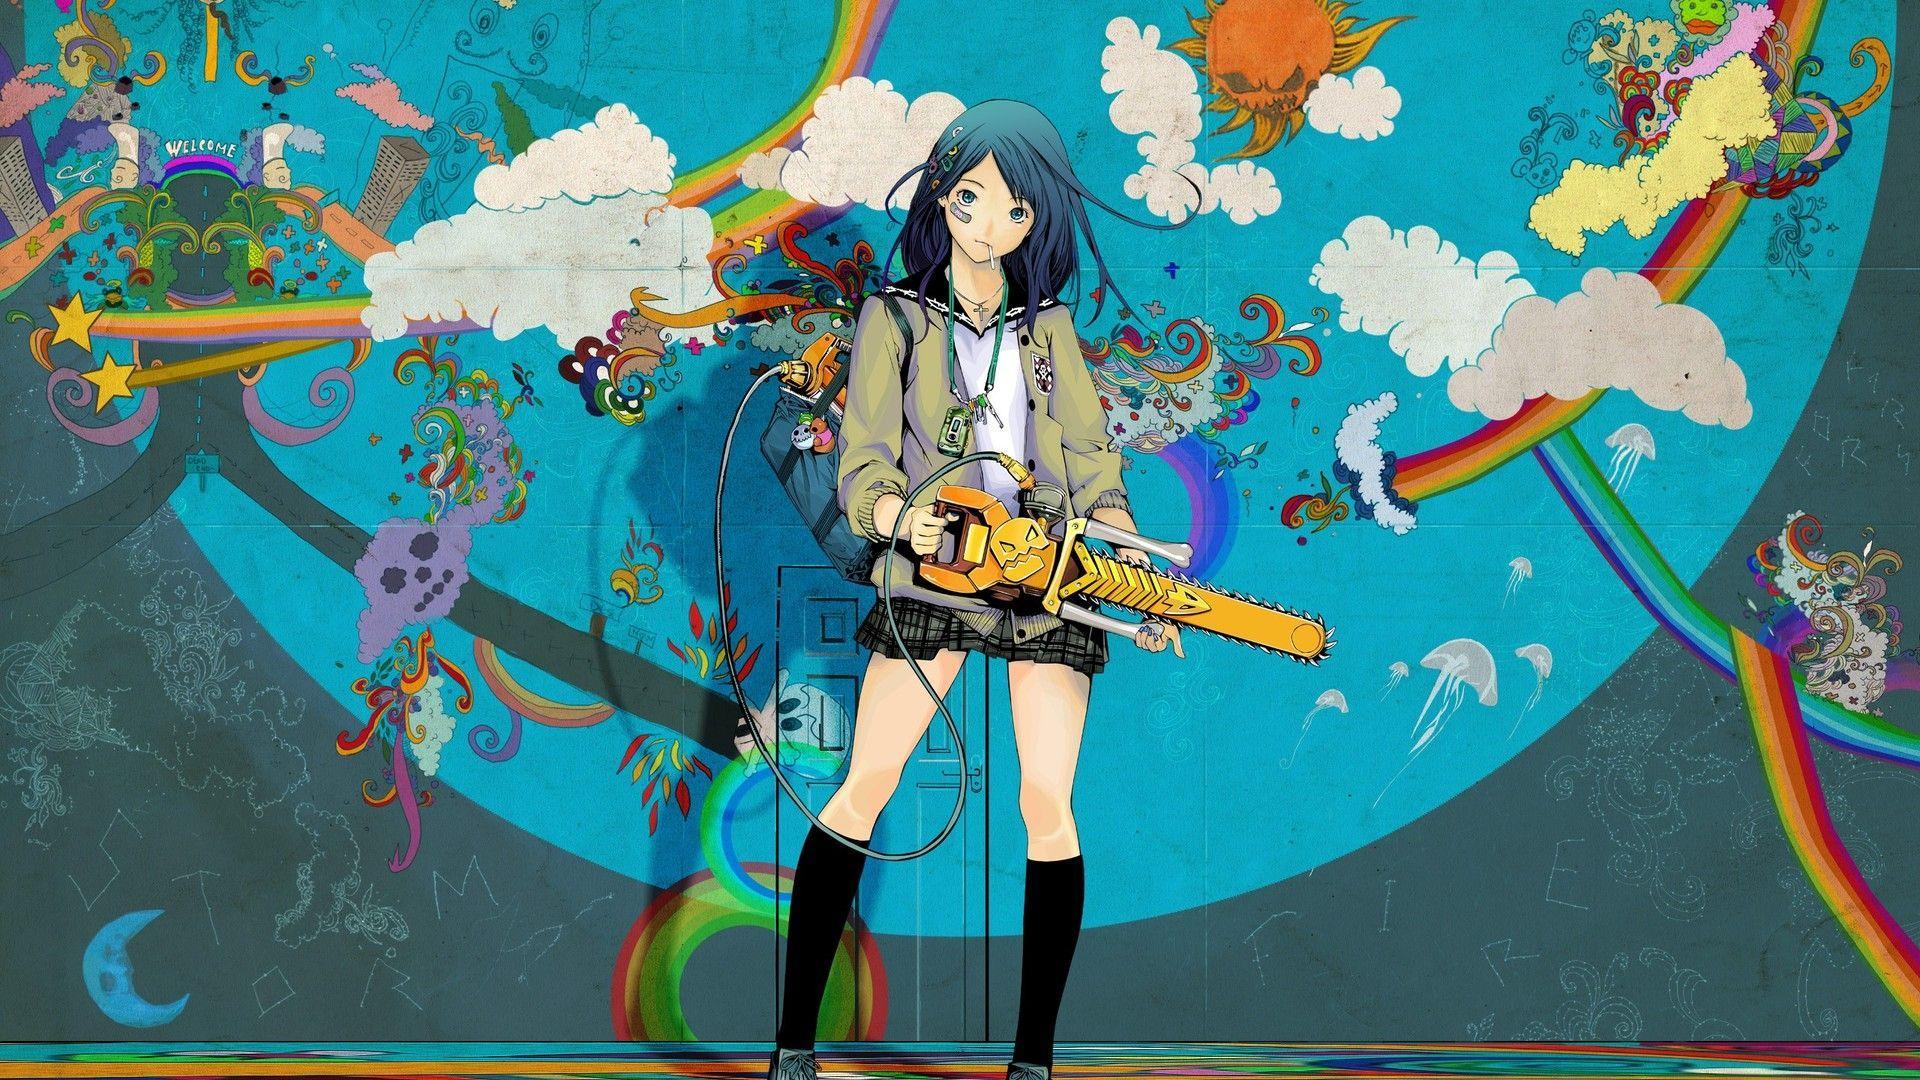 Beautiful Colorful Girls Anime Sakura Wallpaper 4k 16 9 Anime Wallpapers Top Free 4k 16 9 Anime